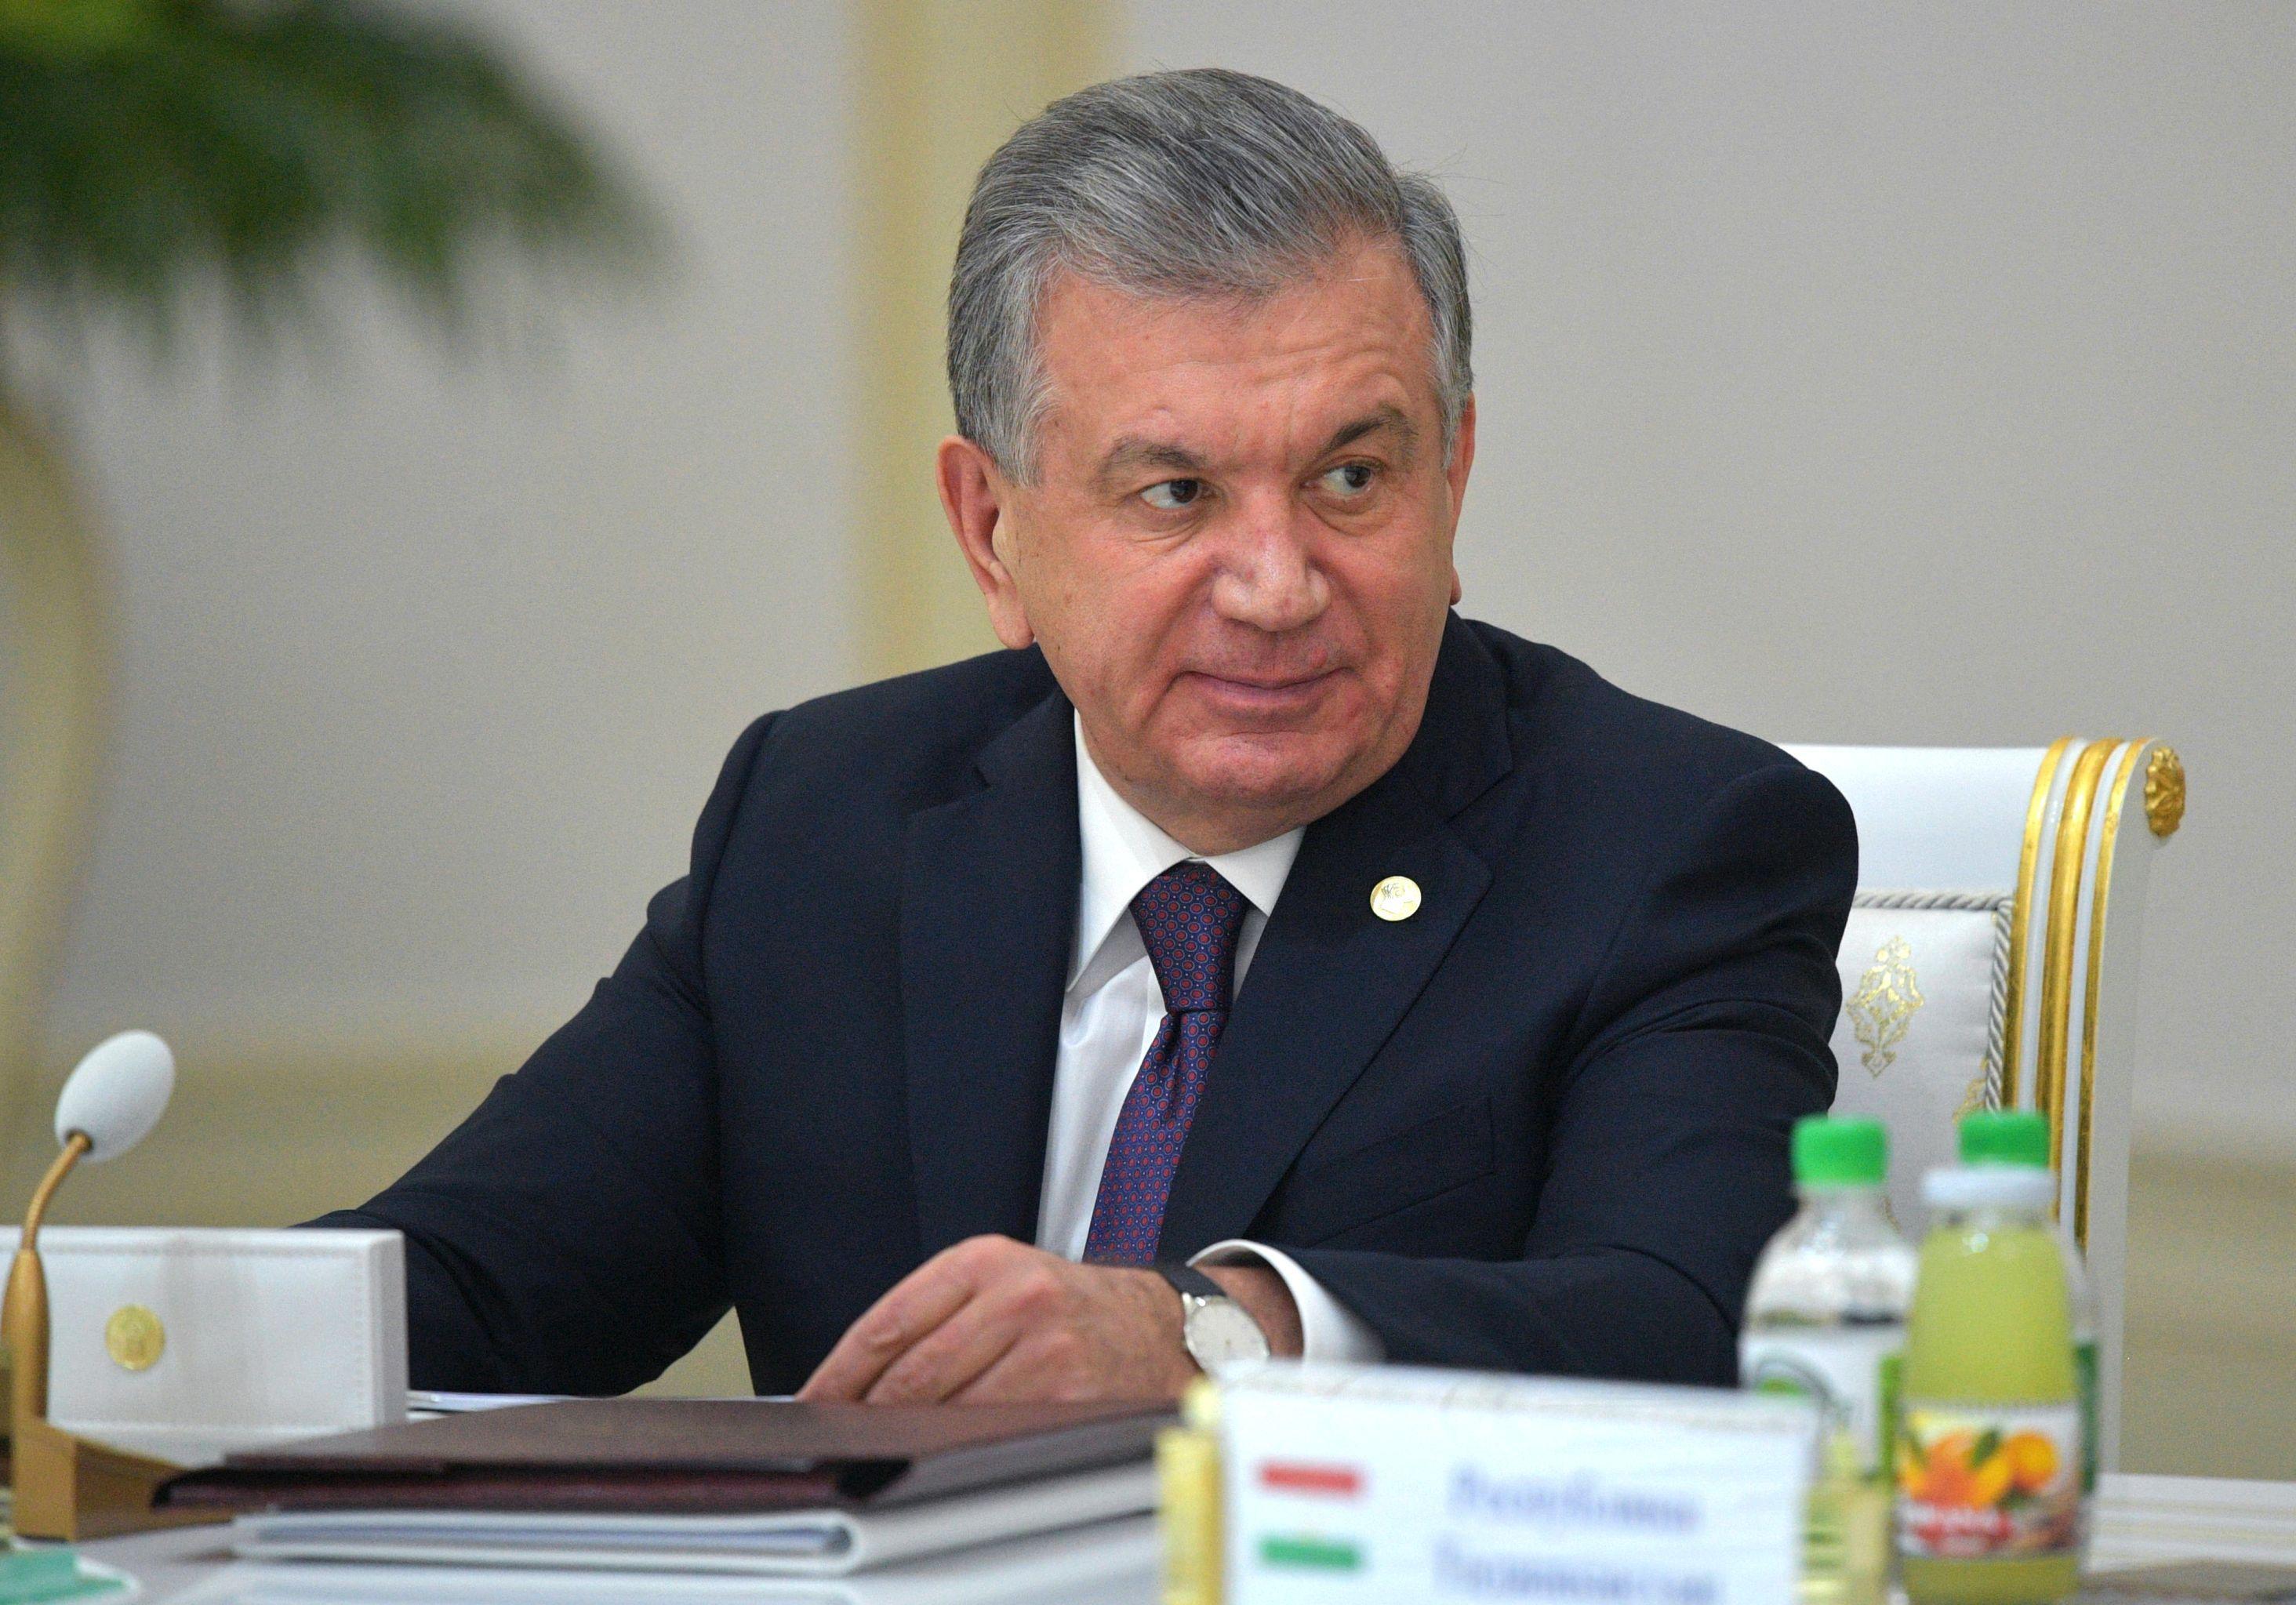 Президент Узбекистана Шавкат Мирзиеев на заседании Совета глав государств Содружества Независимых Государств (СНГ). 11 октября 2019 года